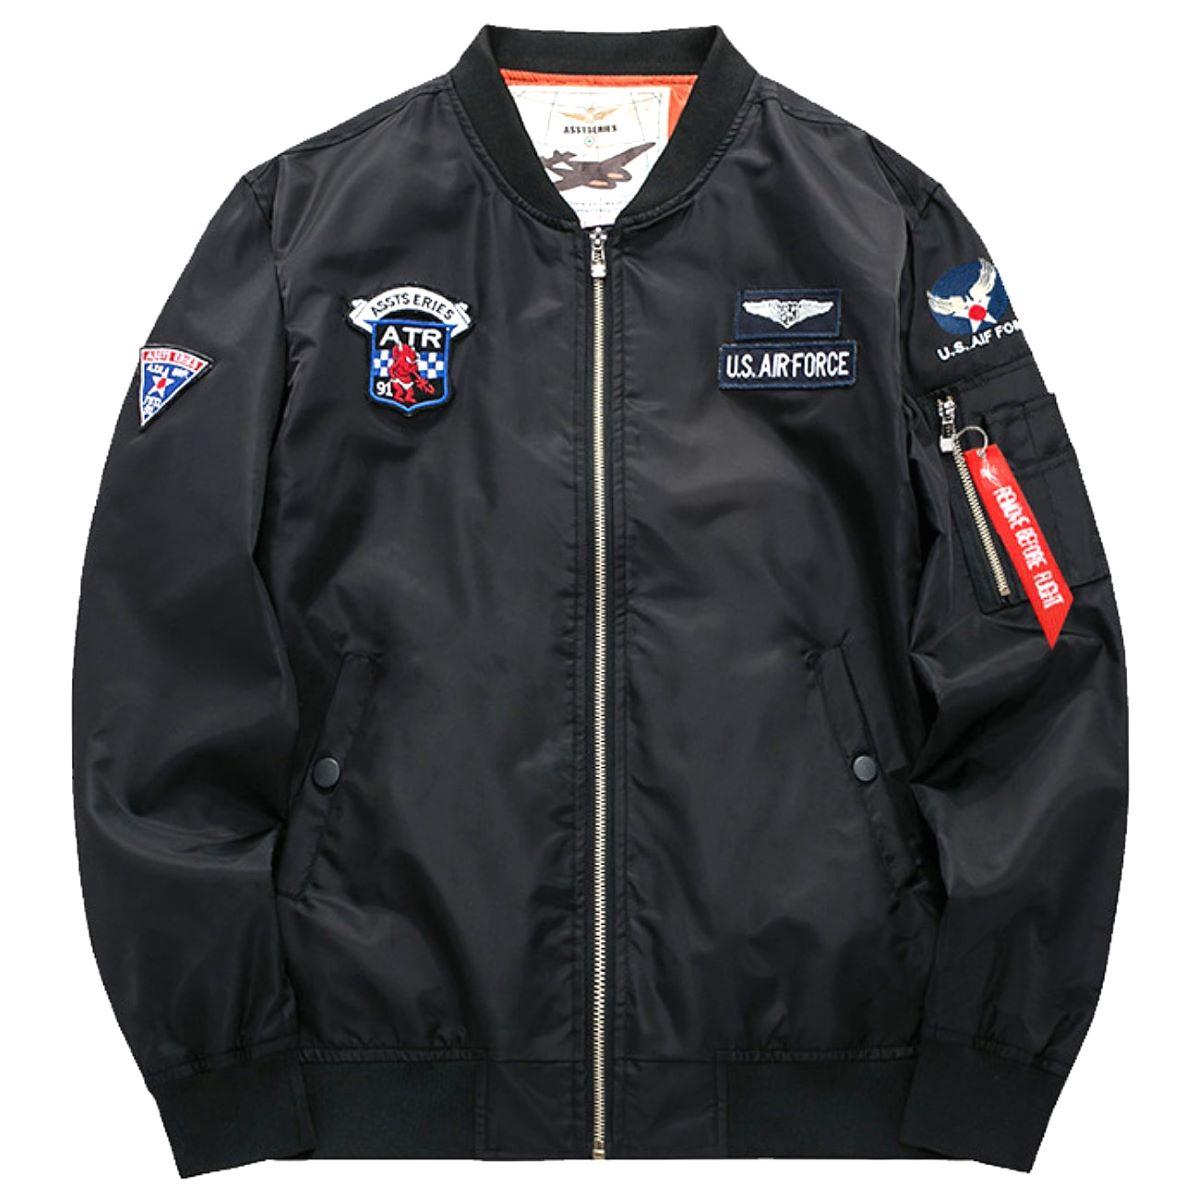 【送料無料!】日本未発売! [Aviator Motorcycle Down Military Bomber Jacket] アビエイター・モーターサイクル・ダウン・ミリタリー・ボンバージャケット! 全3色! メンズ アウター ブルゾン ジャンパー ブラック カーキ ブルー バイクに! MA-1 ワッペン 大きいサイズ